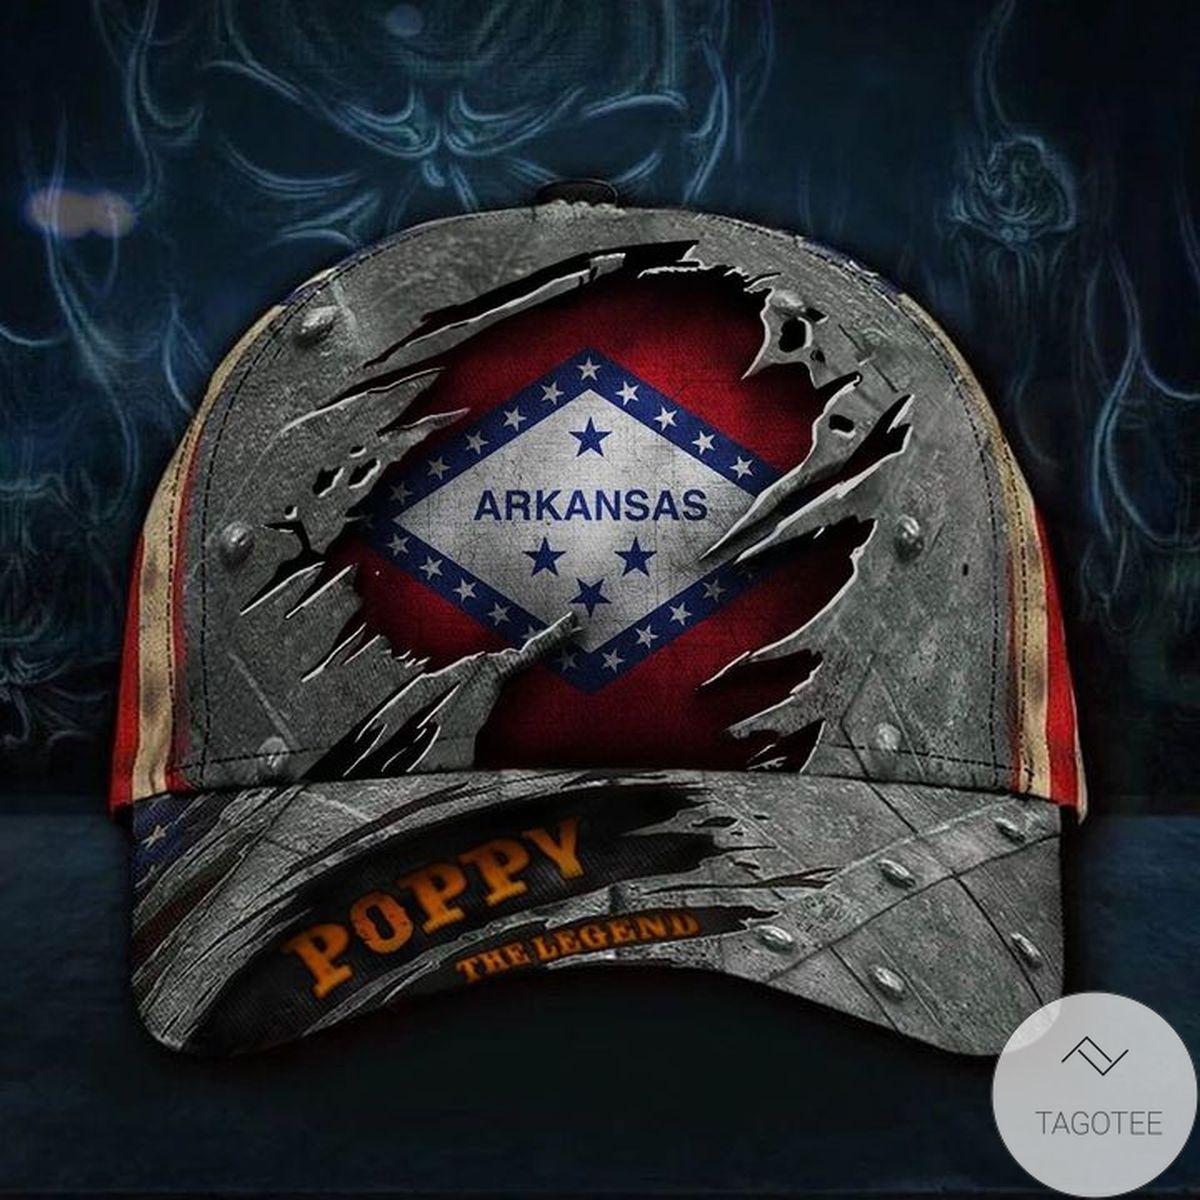 Excellent Arkansas Poppy The Legend Hat Vintage USA Flag Cap Unique Father's Day Gift Ideas